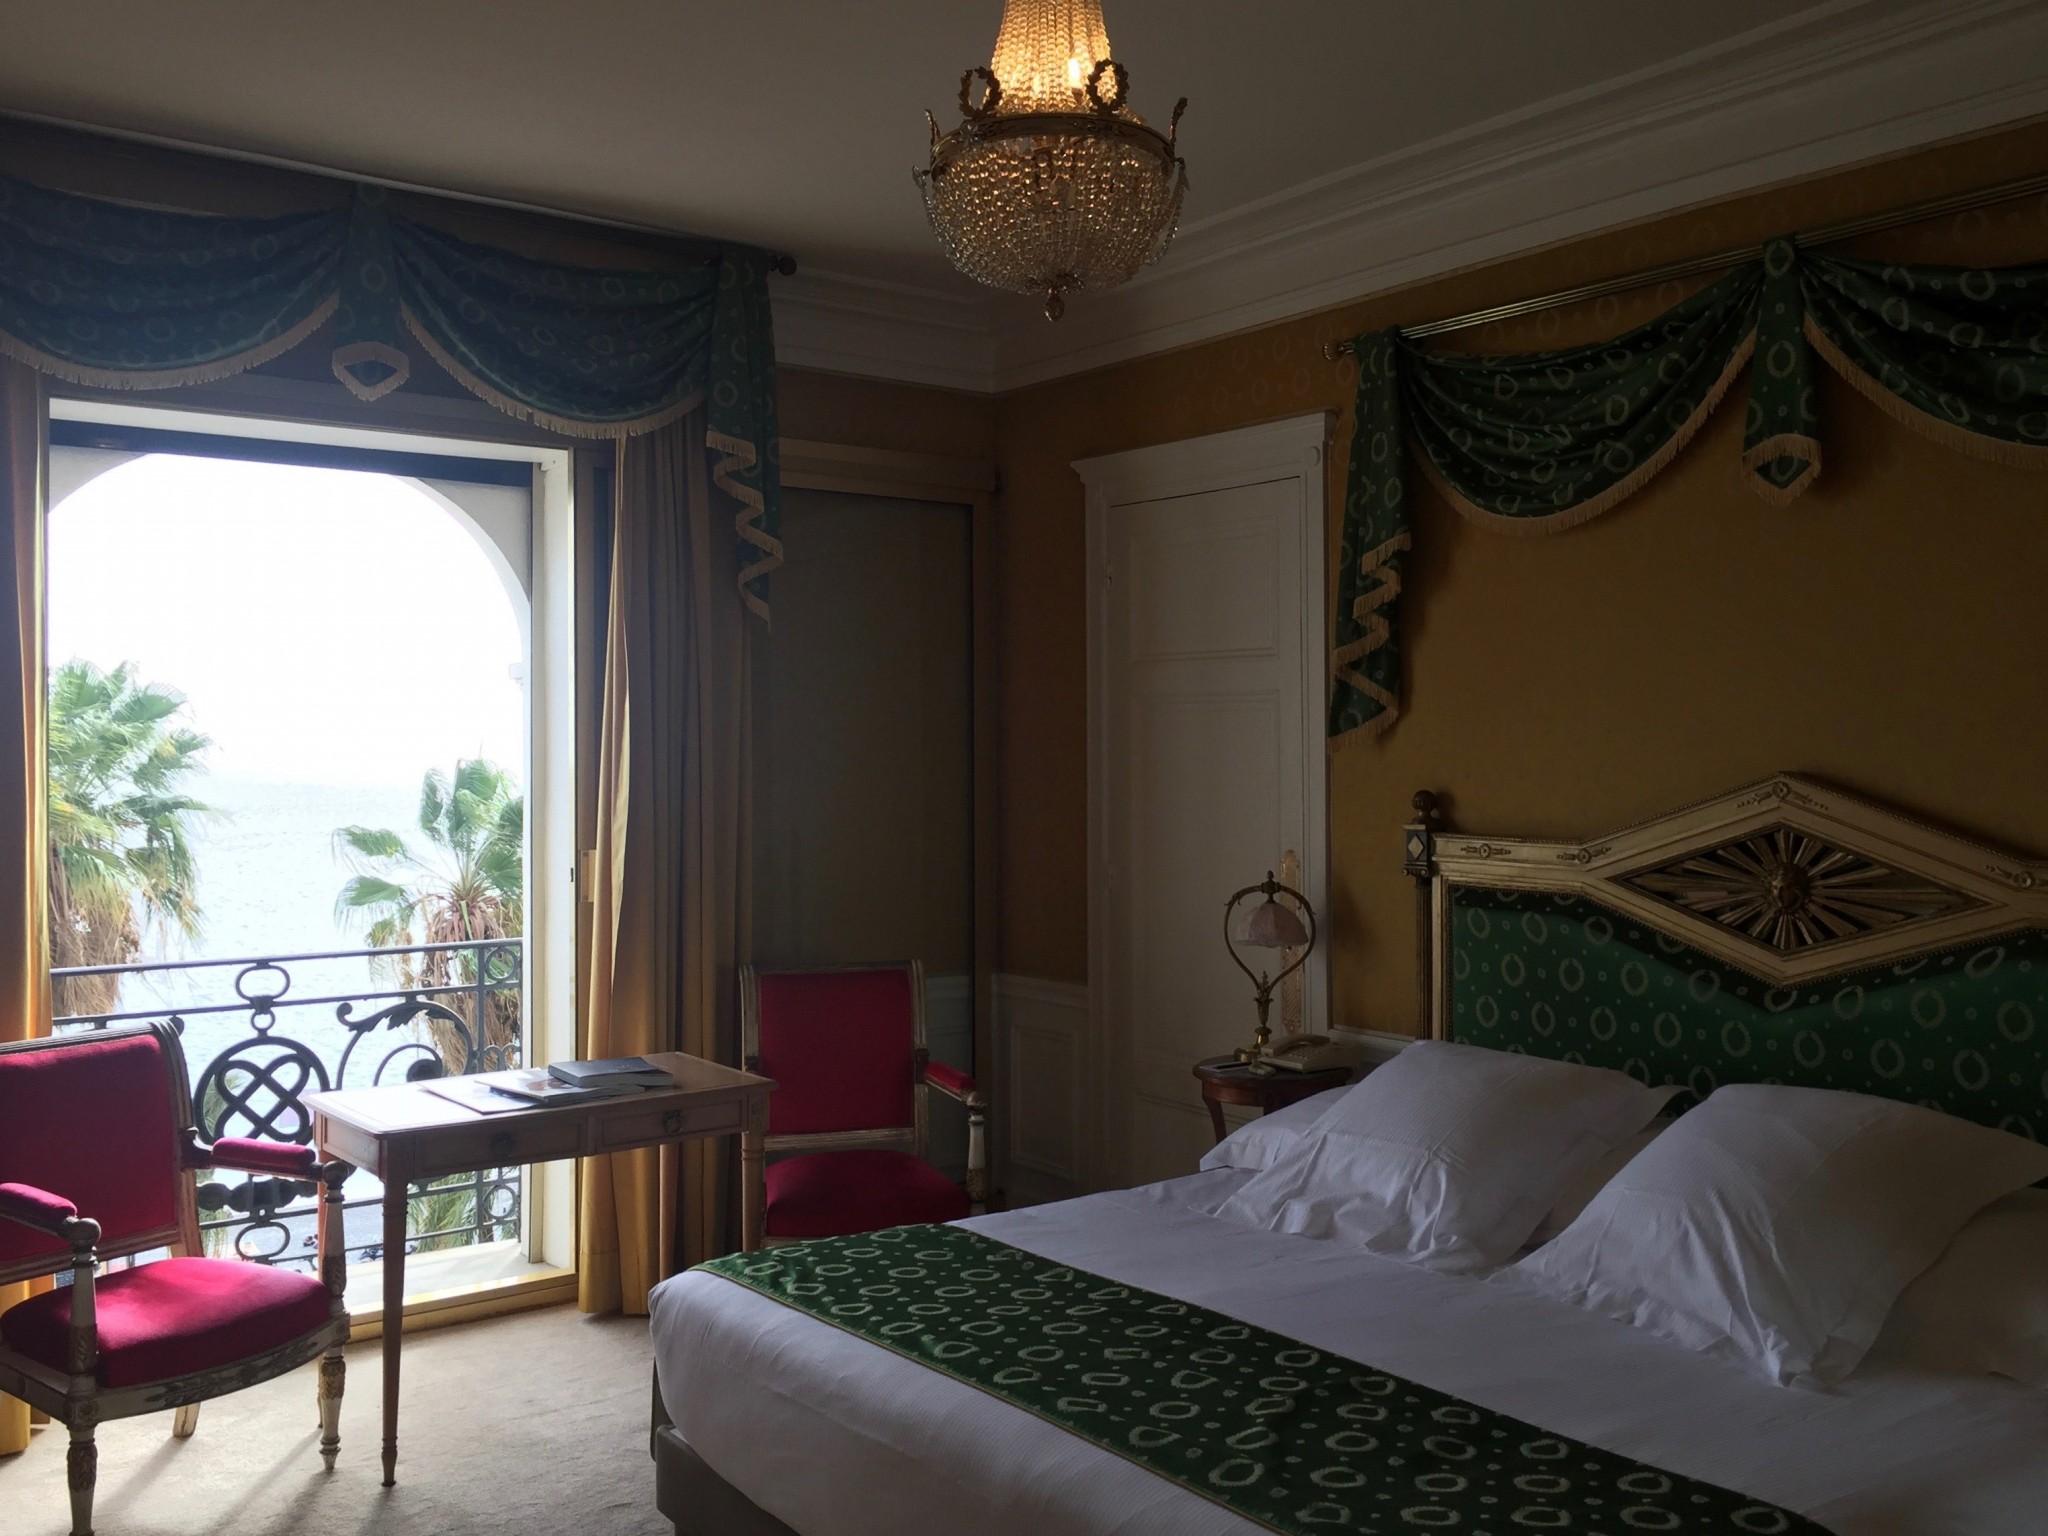 hotel-negresco-6